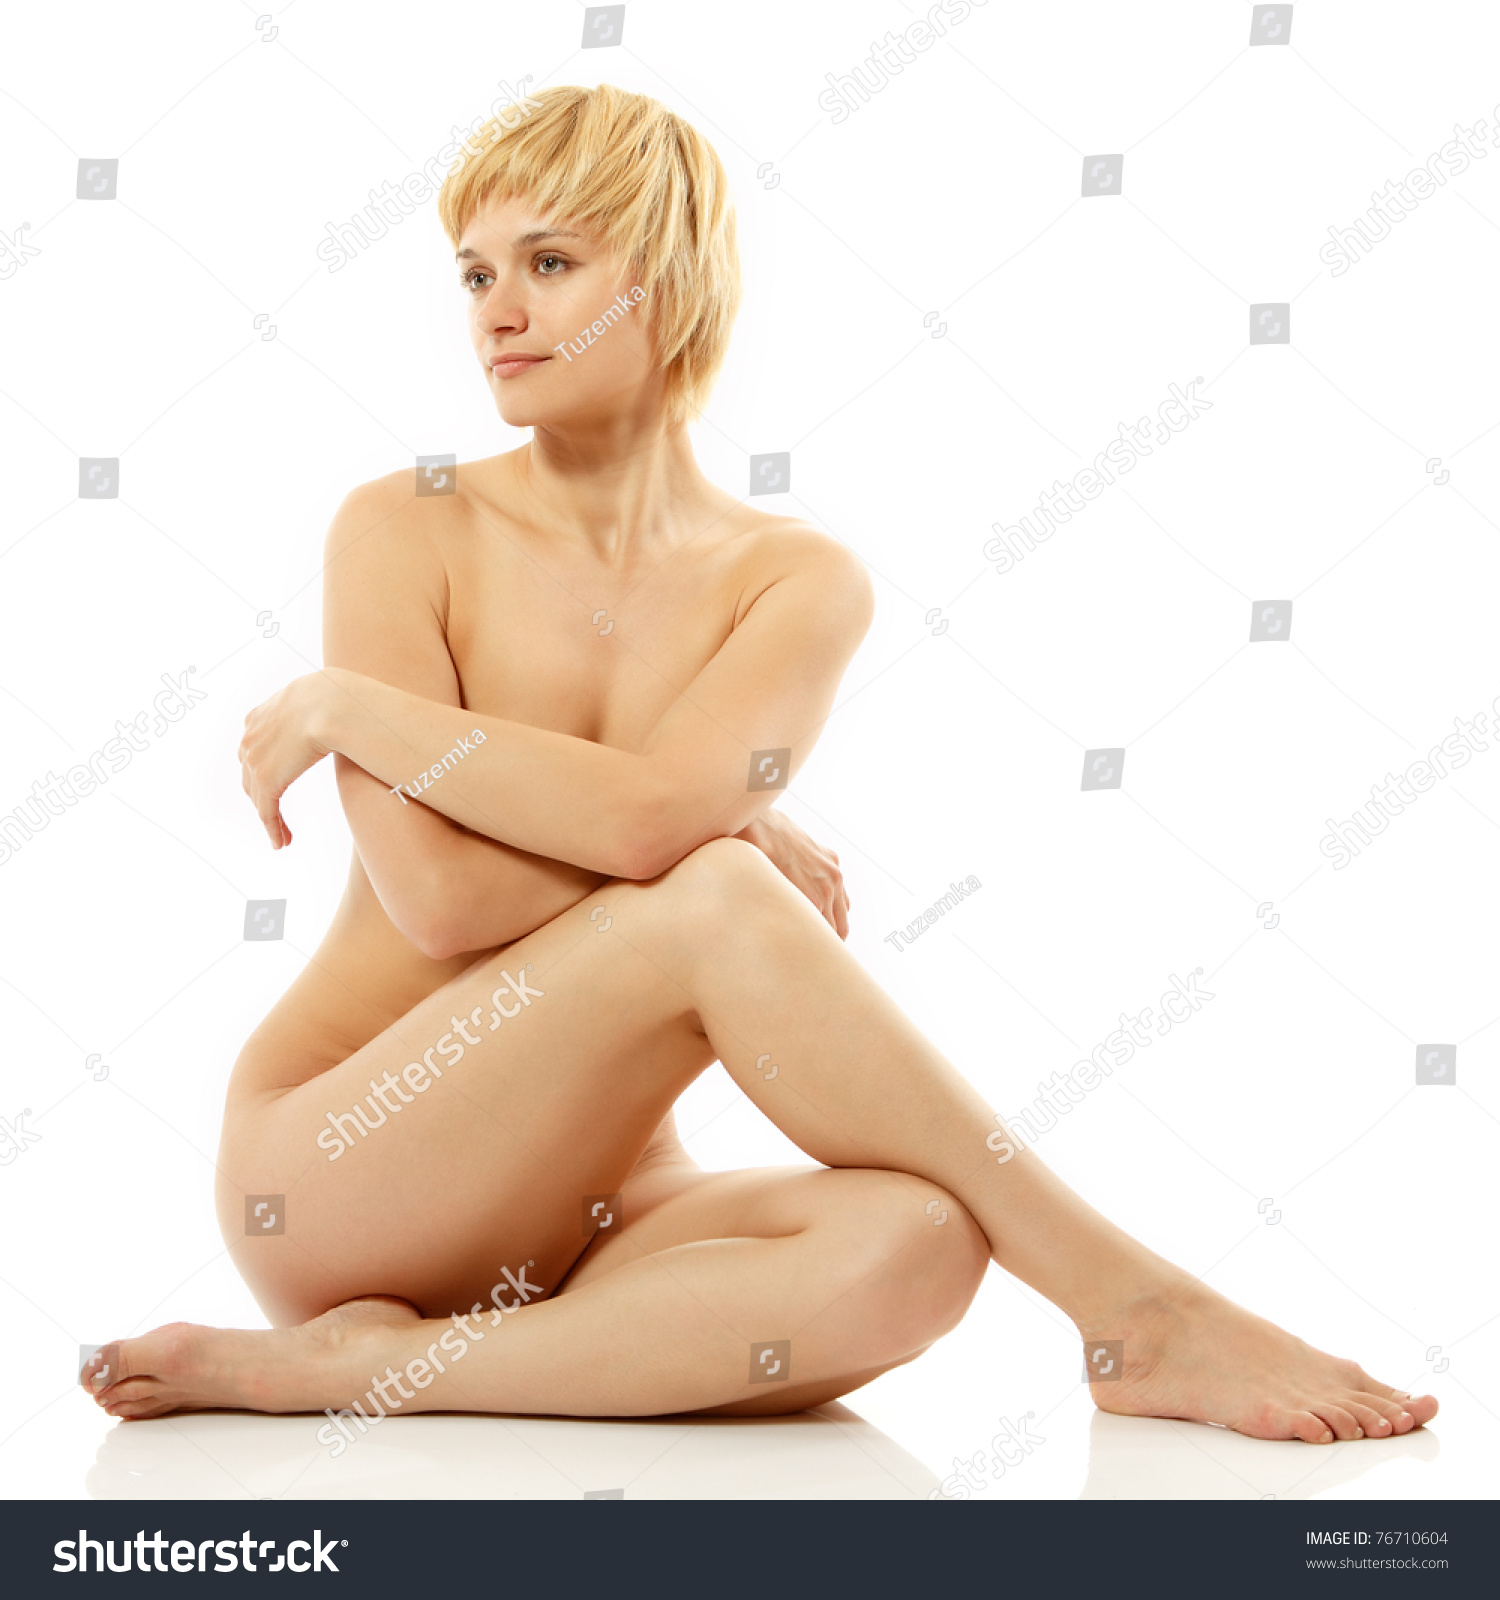 intim massasje stavanger homoseksuell escort sex danmark